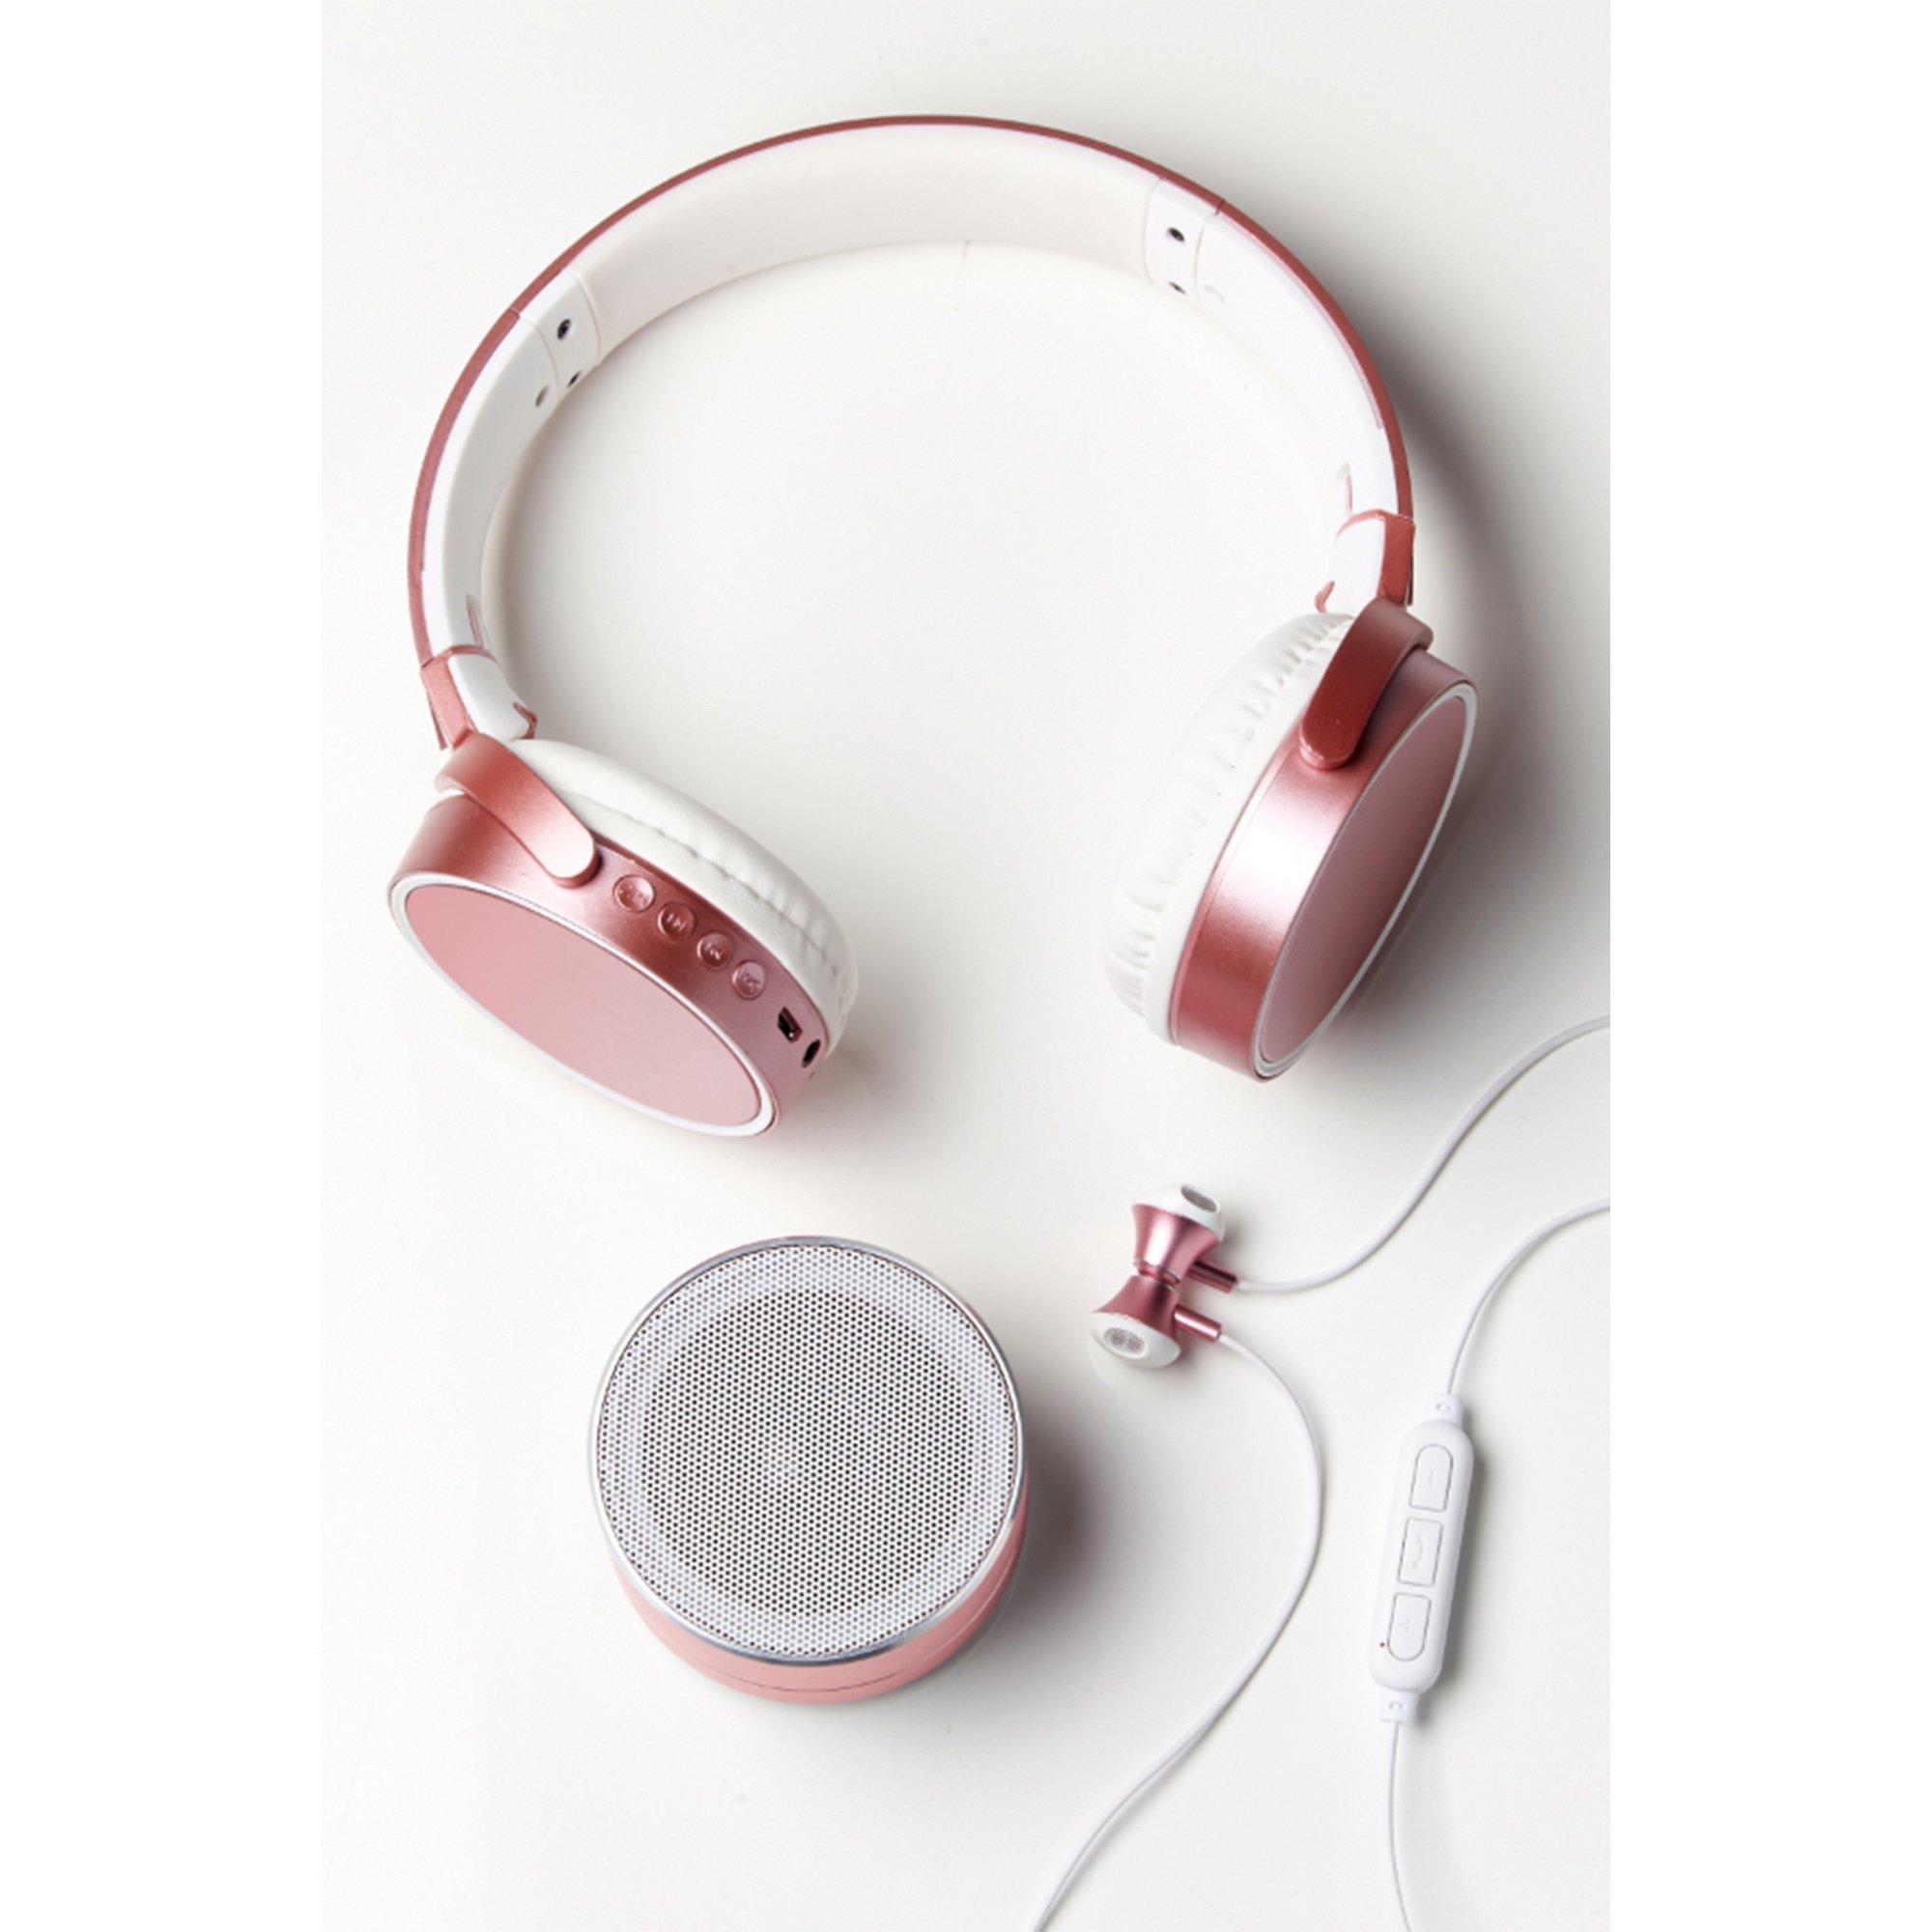 Image of 3 Piece Bluetooth Audio Set